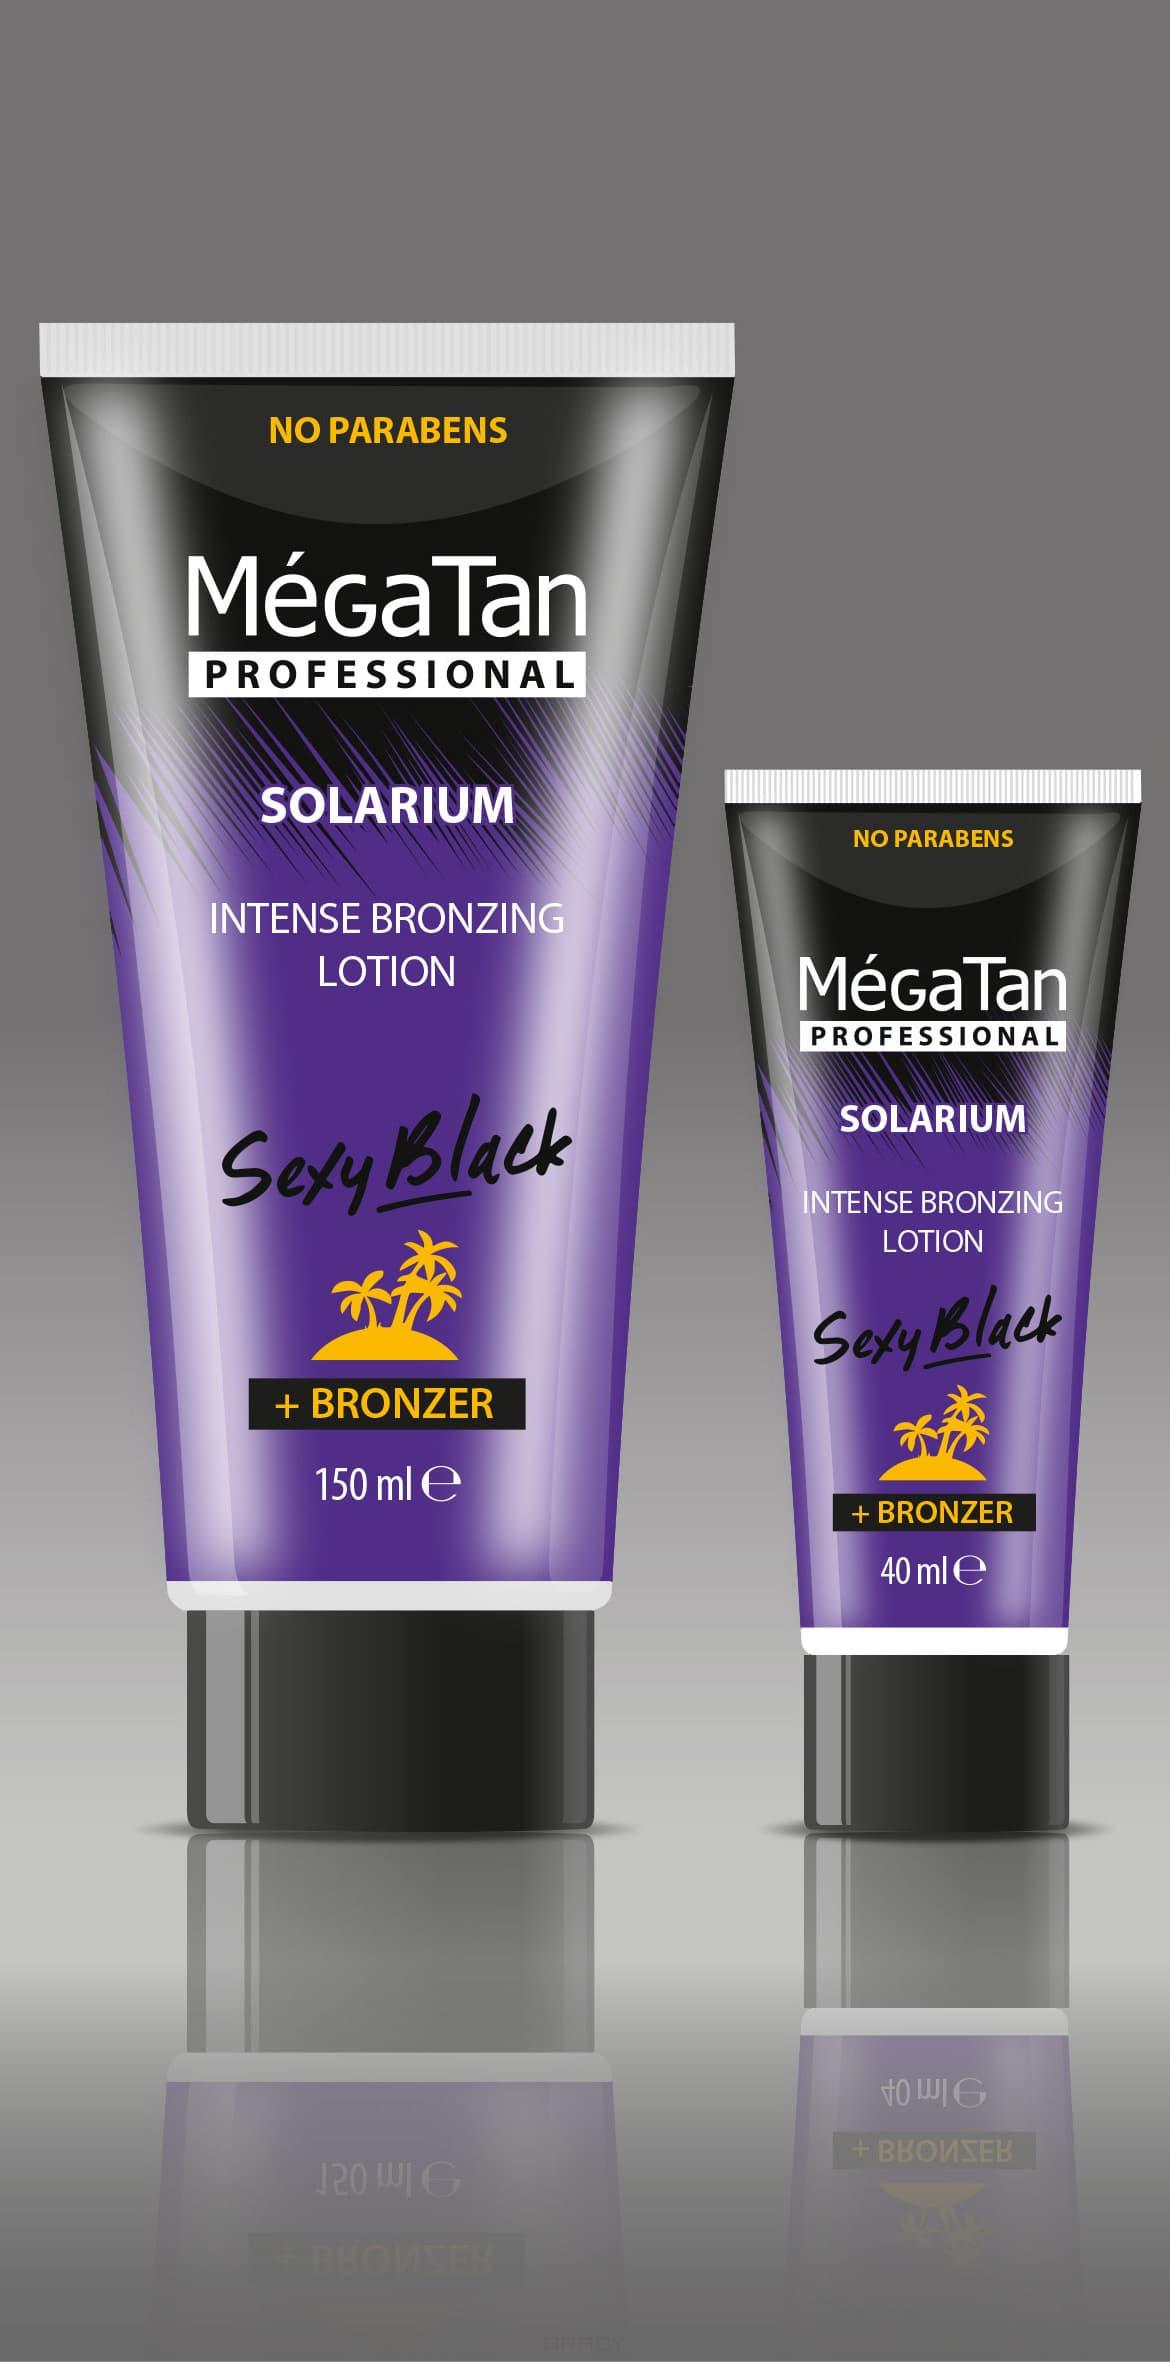 MegaTan - Лосьон для загара интенсивный Sexy black intense bronzing + Bronzer